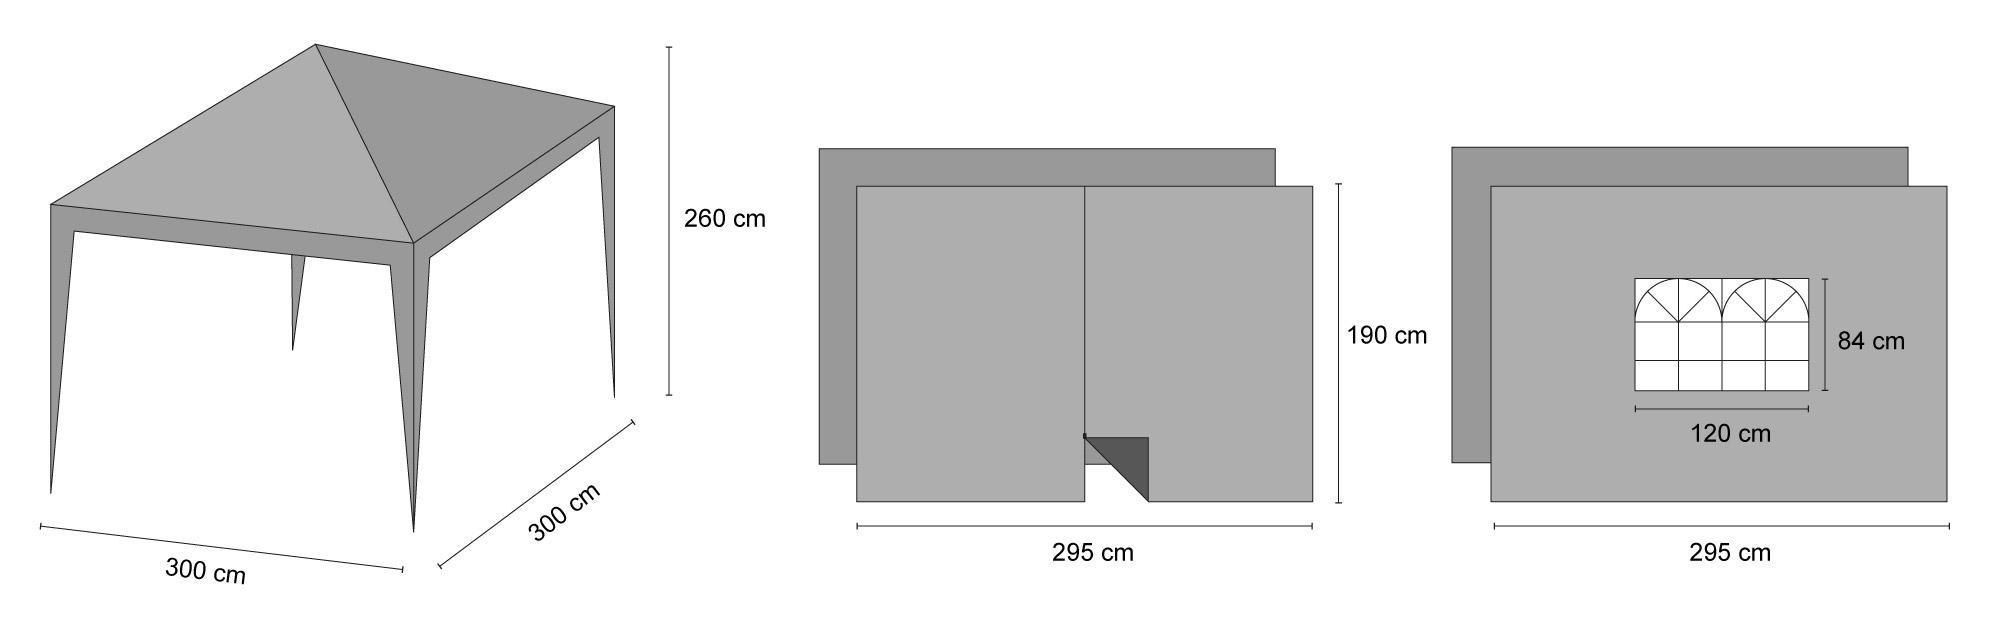 faltpavillon gartenpavillon pavillon f r garten 3x3m. Black Bedroom Furniture Sets. Home Design Ideas